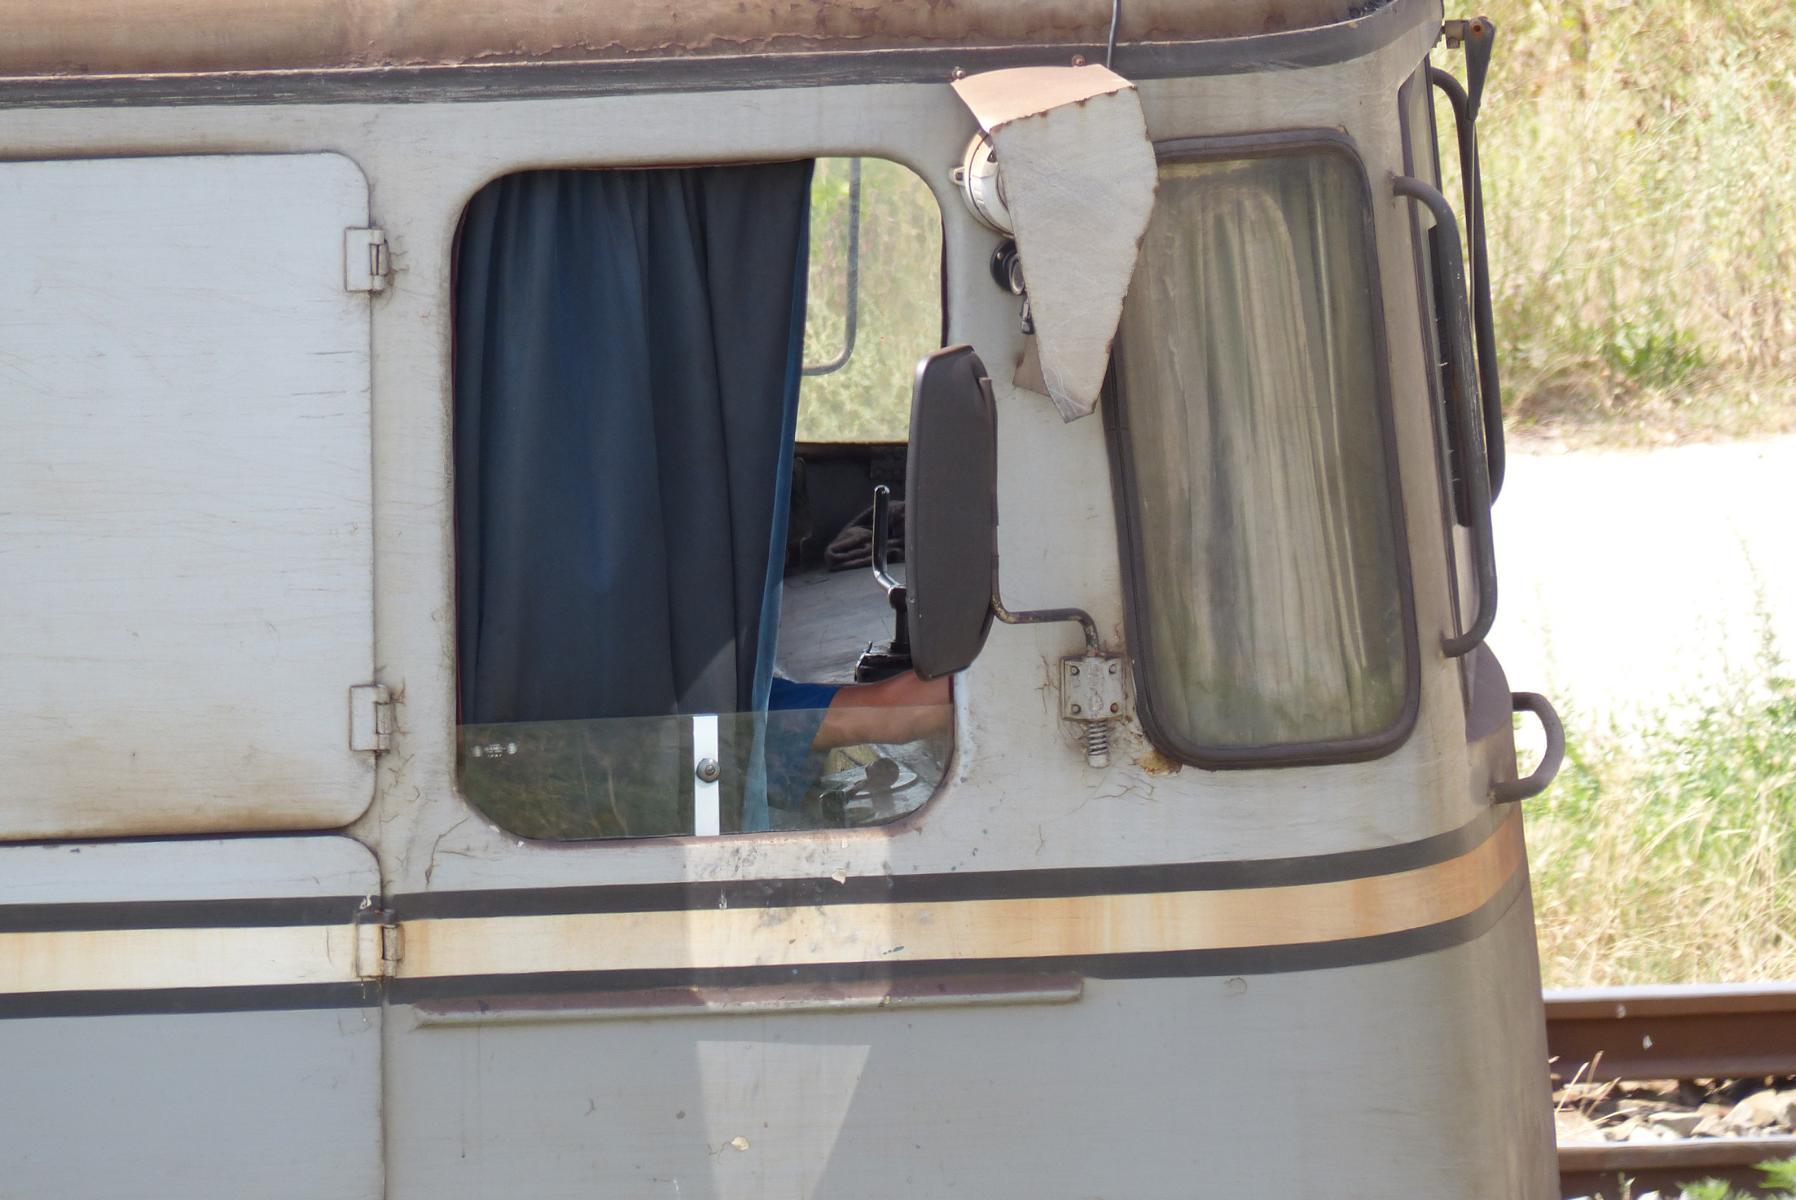 Es ist immer noch sehr heiß. Der Lokführer versteckt sich in seinem eisernen Brutkasten hinter einem Vorhang...